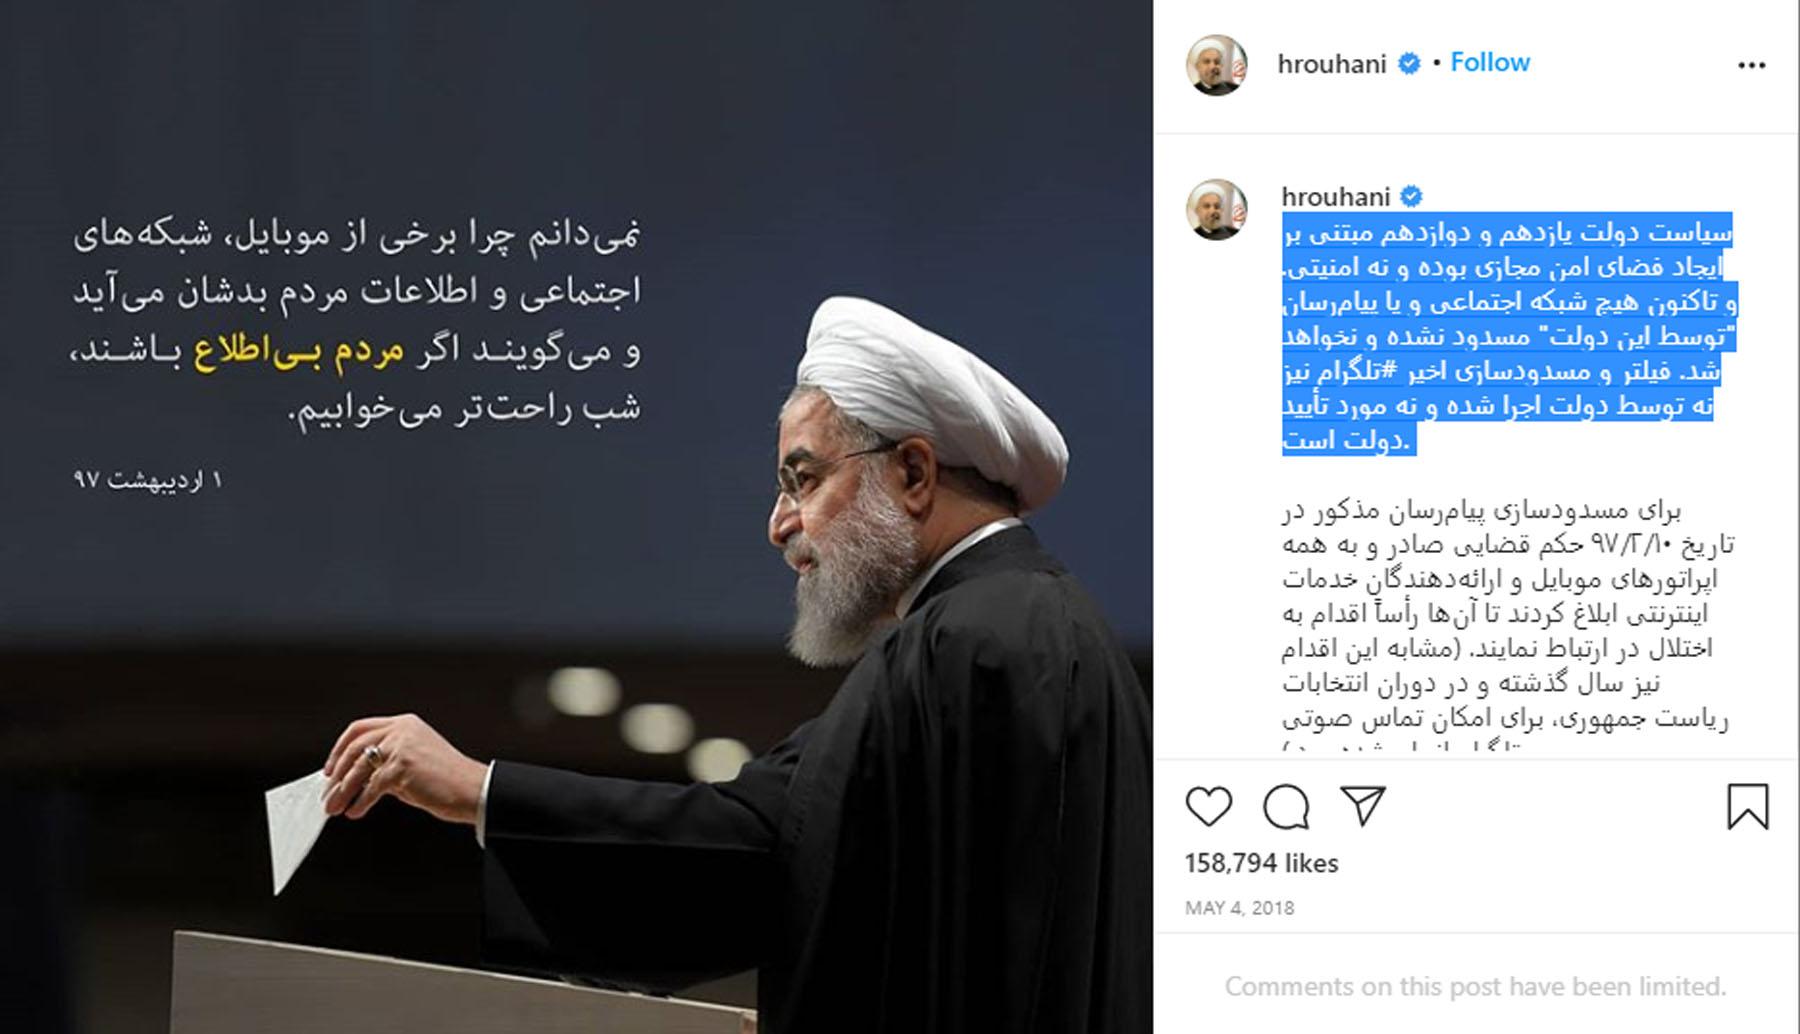 تصویر از تهدید علیه اینستاگرام در ایران